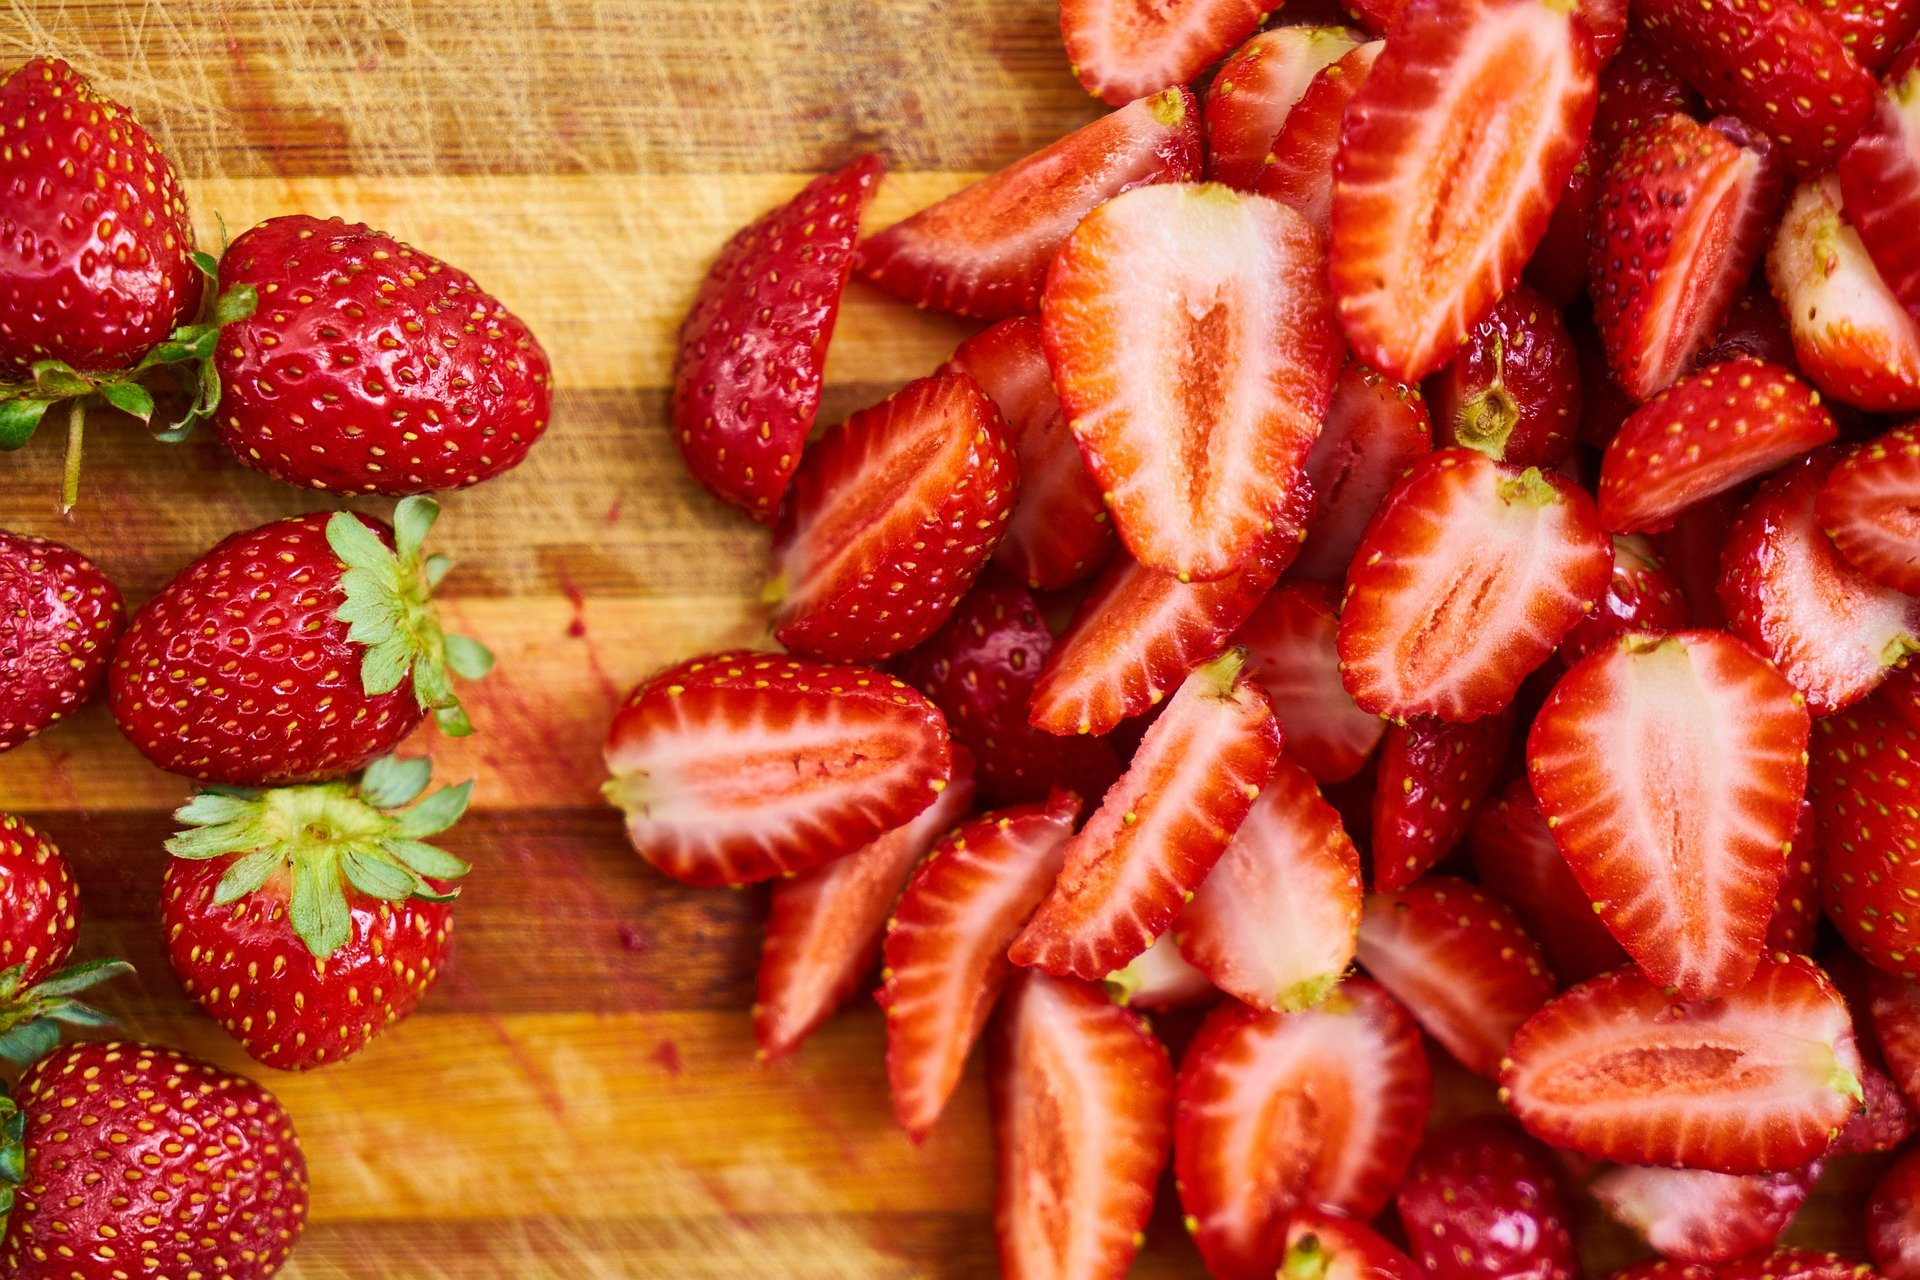 Beardie Strawberries